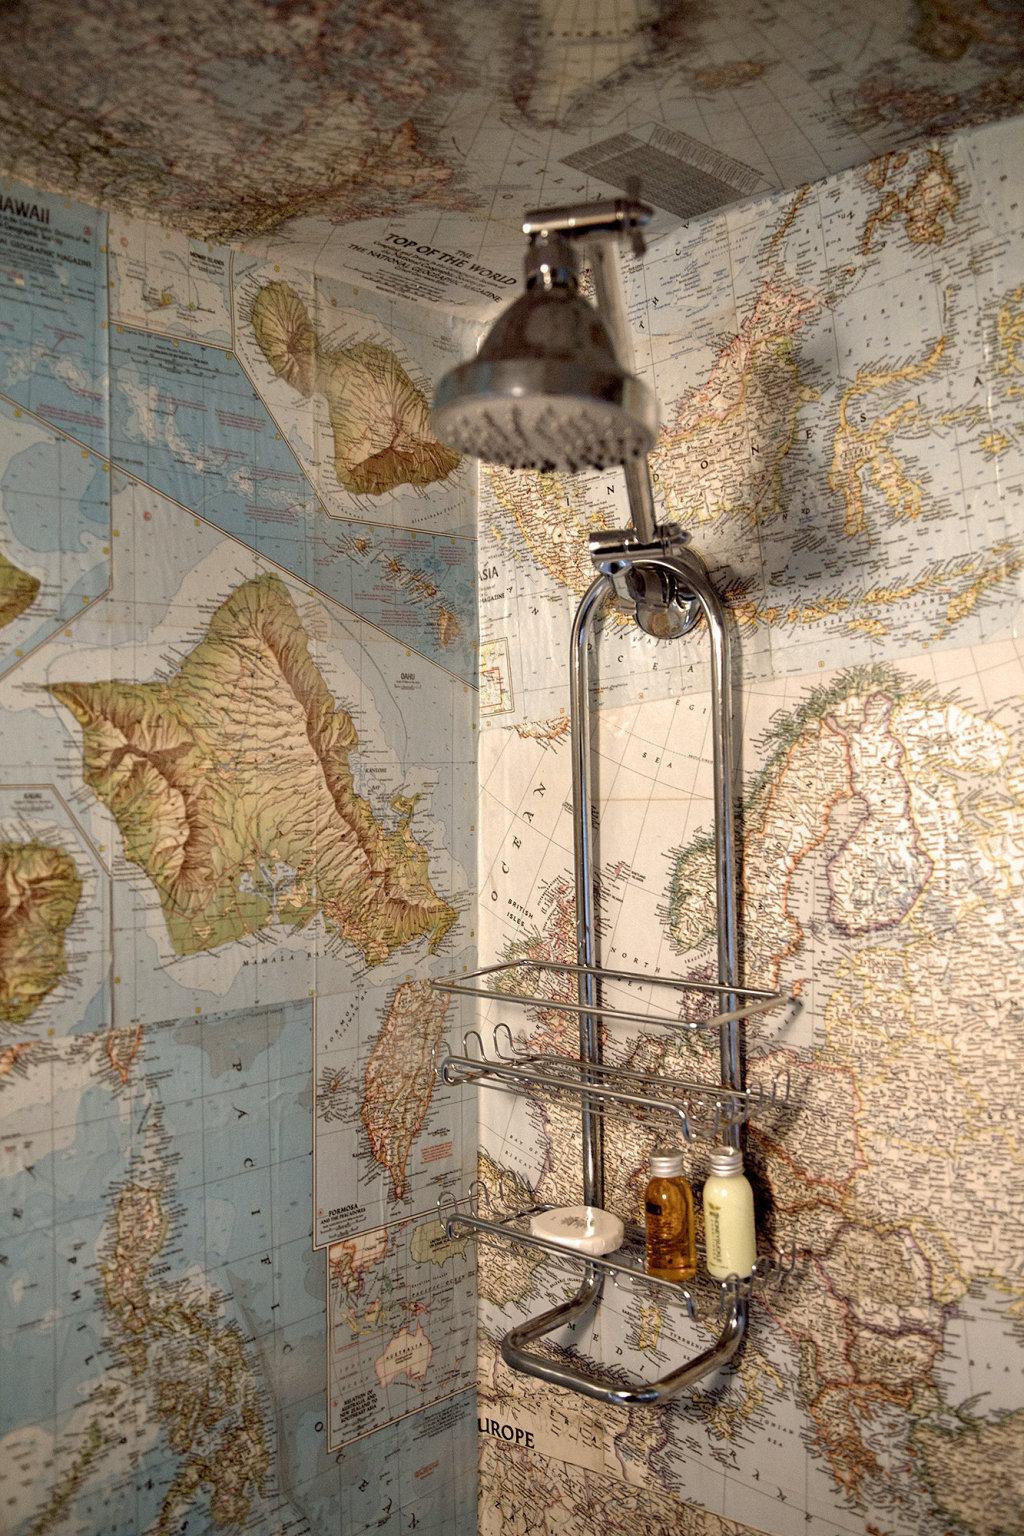 รวมหลากไอเดียแต่งห้องน้ำสุดบรรเจิด ด้วยสารพัดของสะสม รูปที่ 3